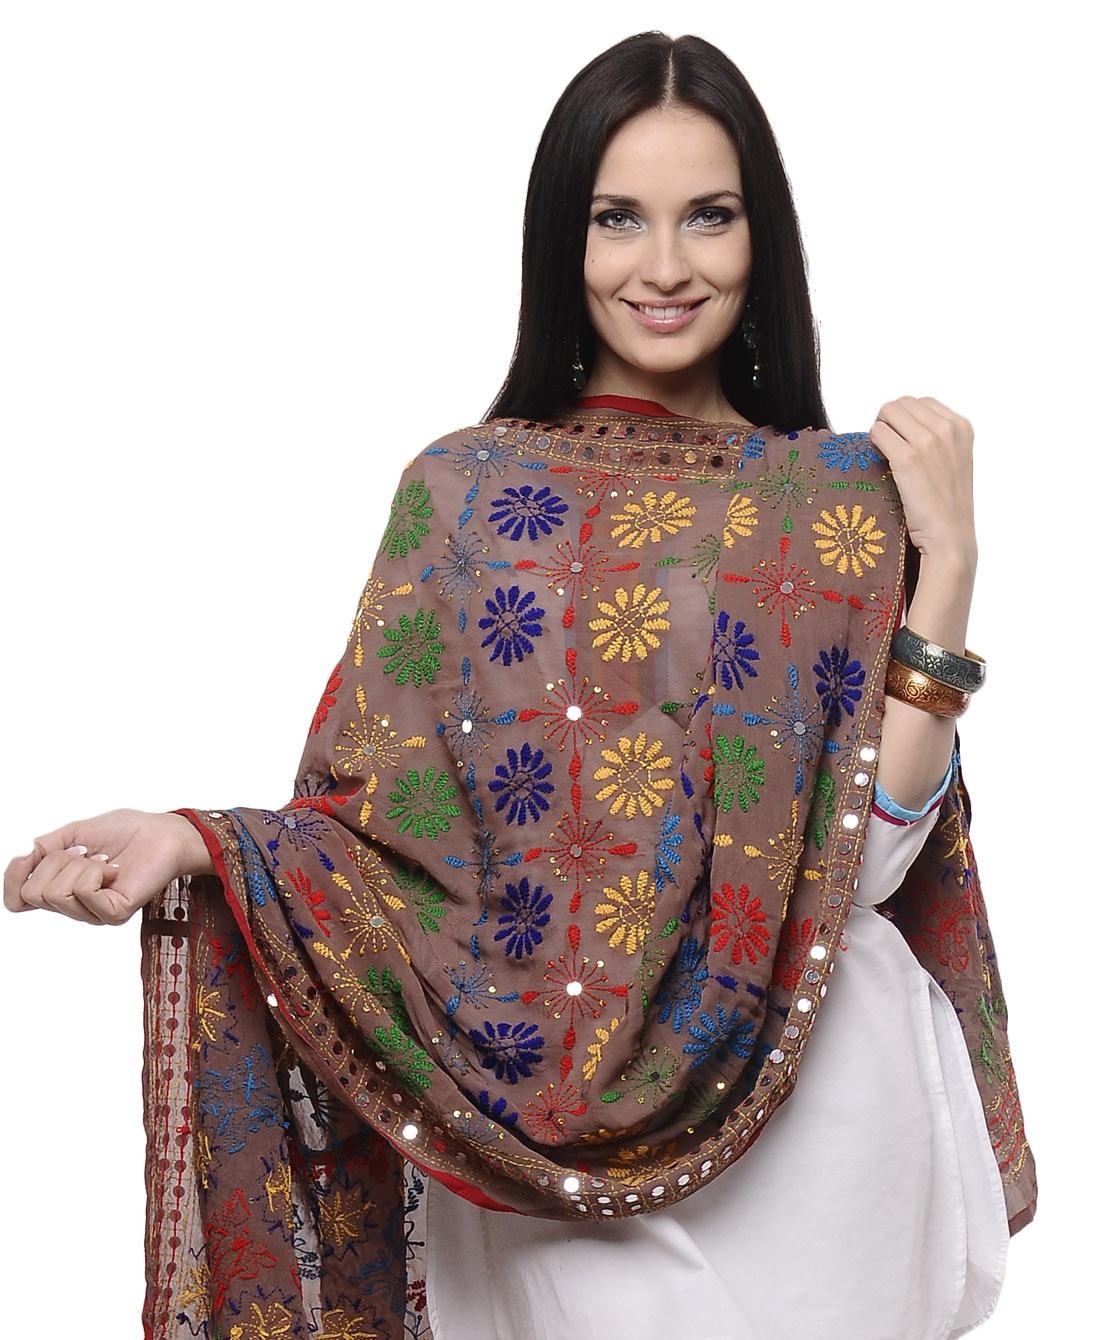 Handmade phulkari dupatta hand embroidered